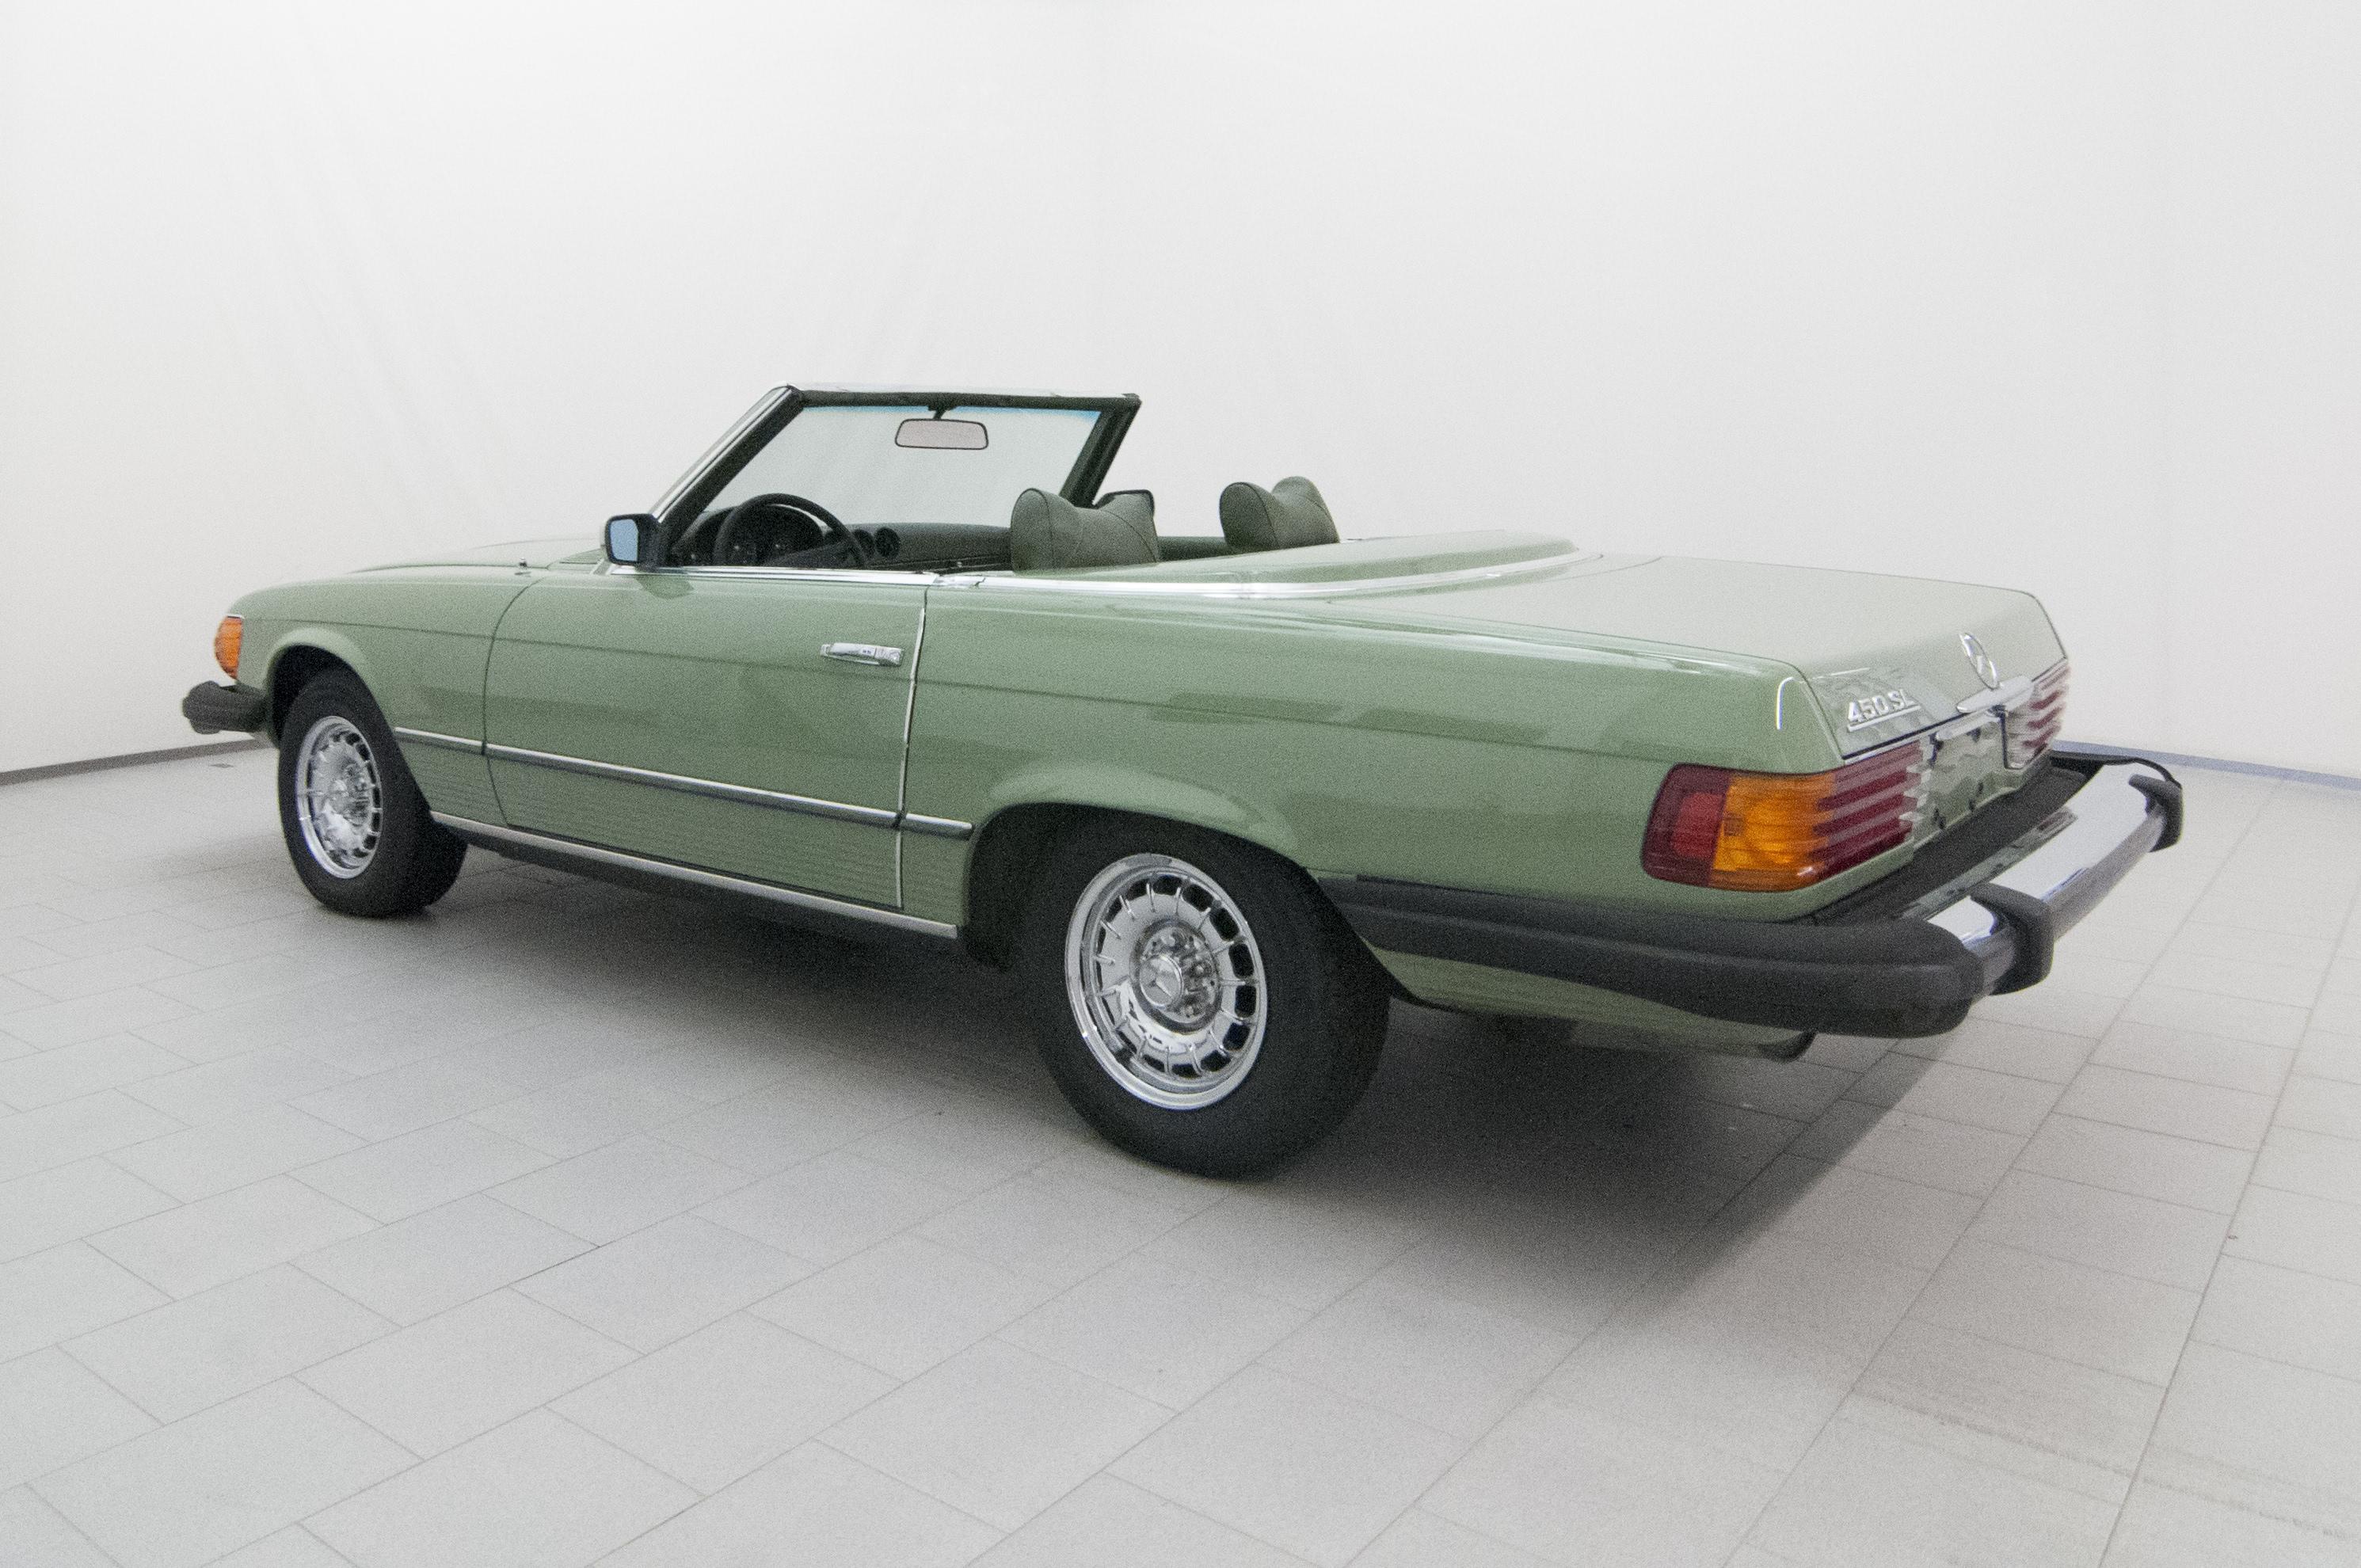 Mercedes benz 450 sl classicbid for Mercedes benz sl 450